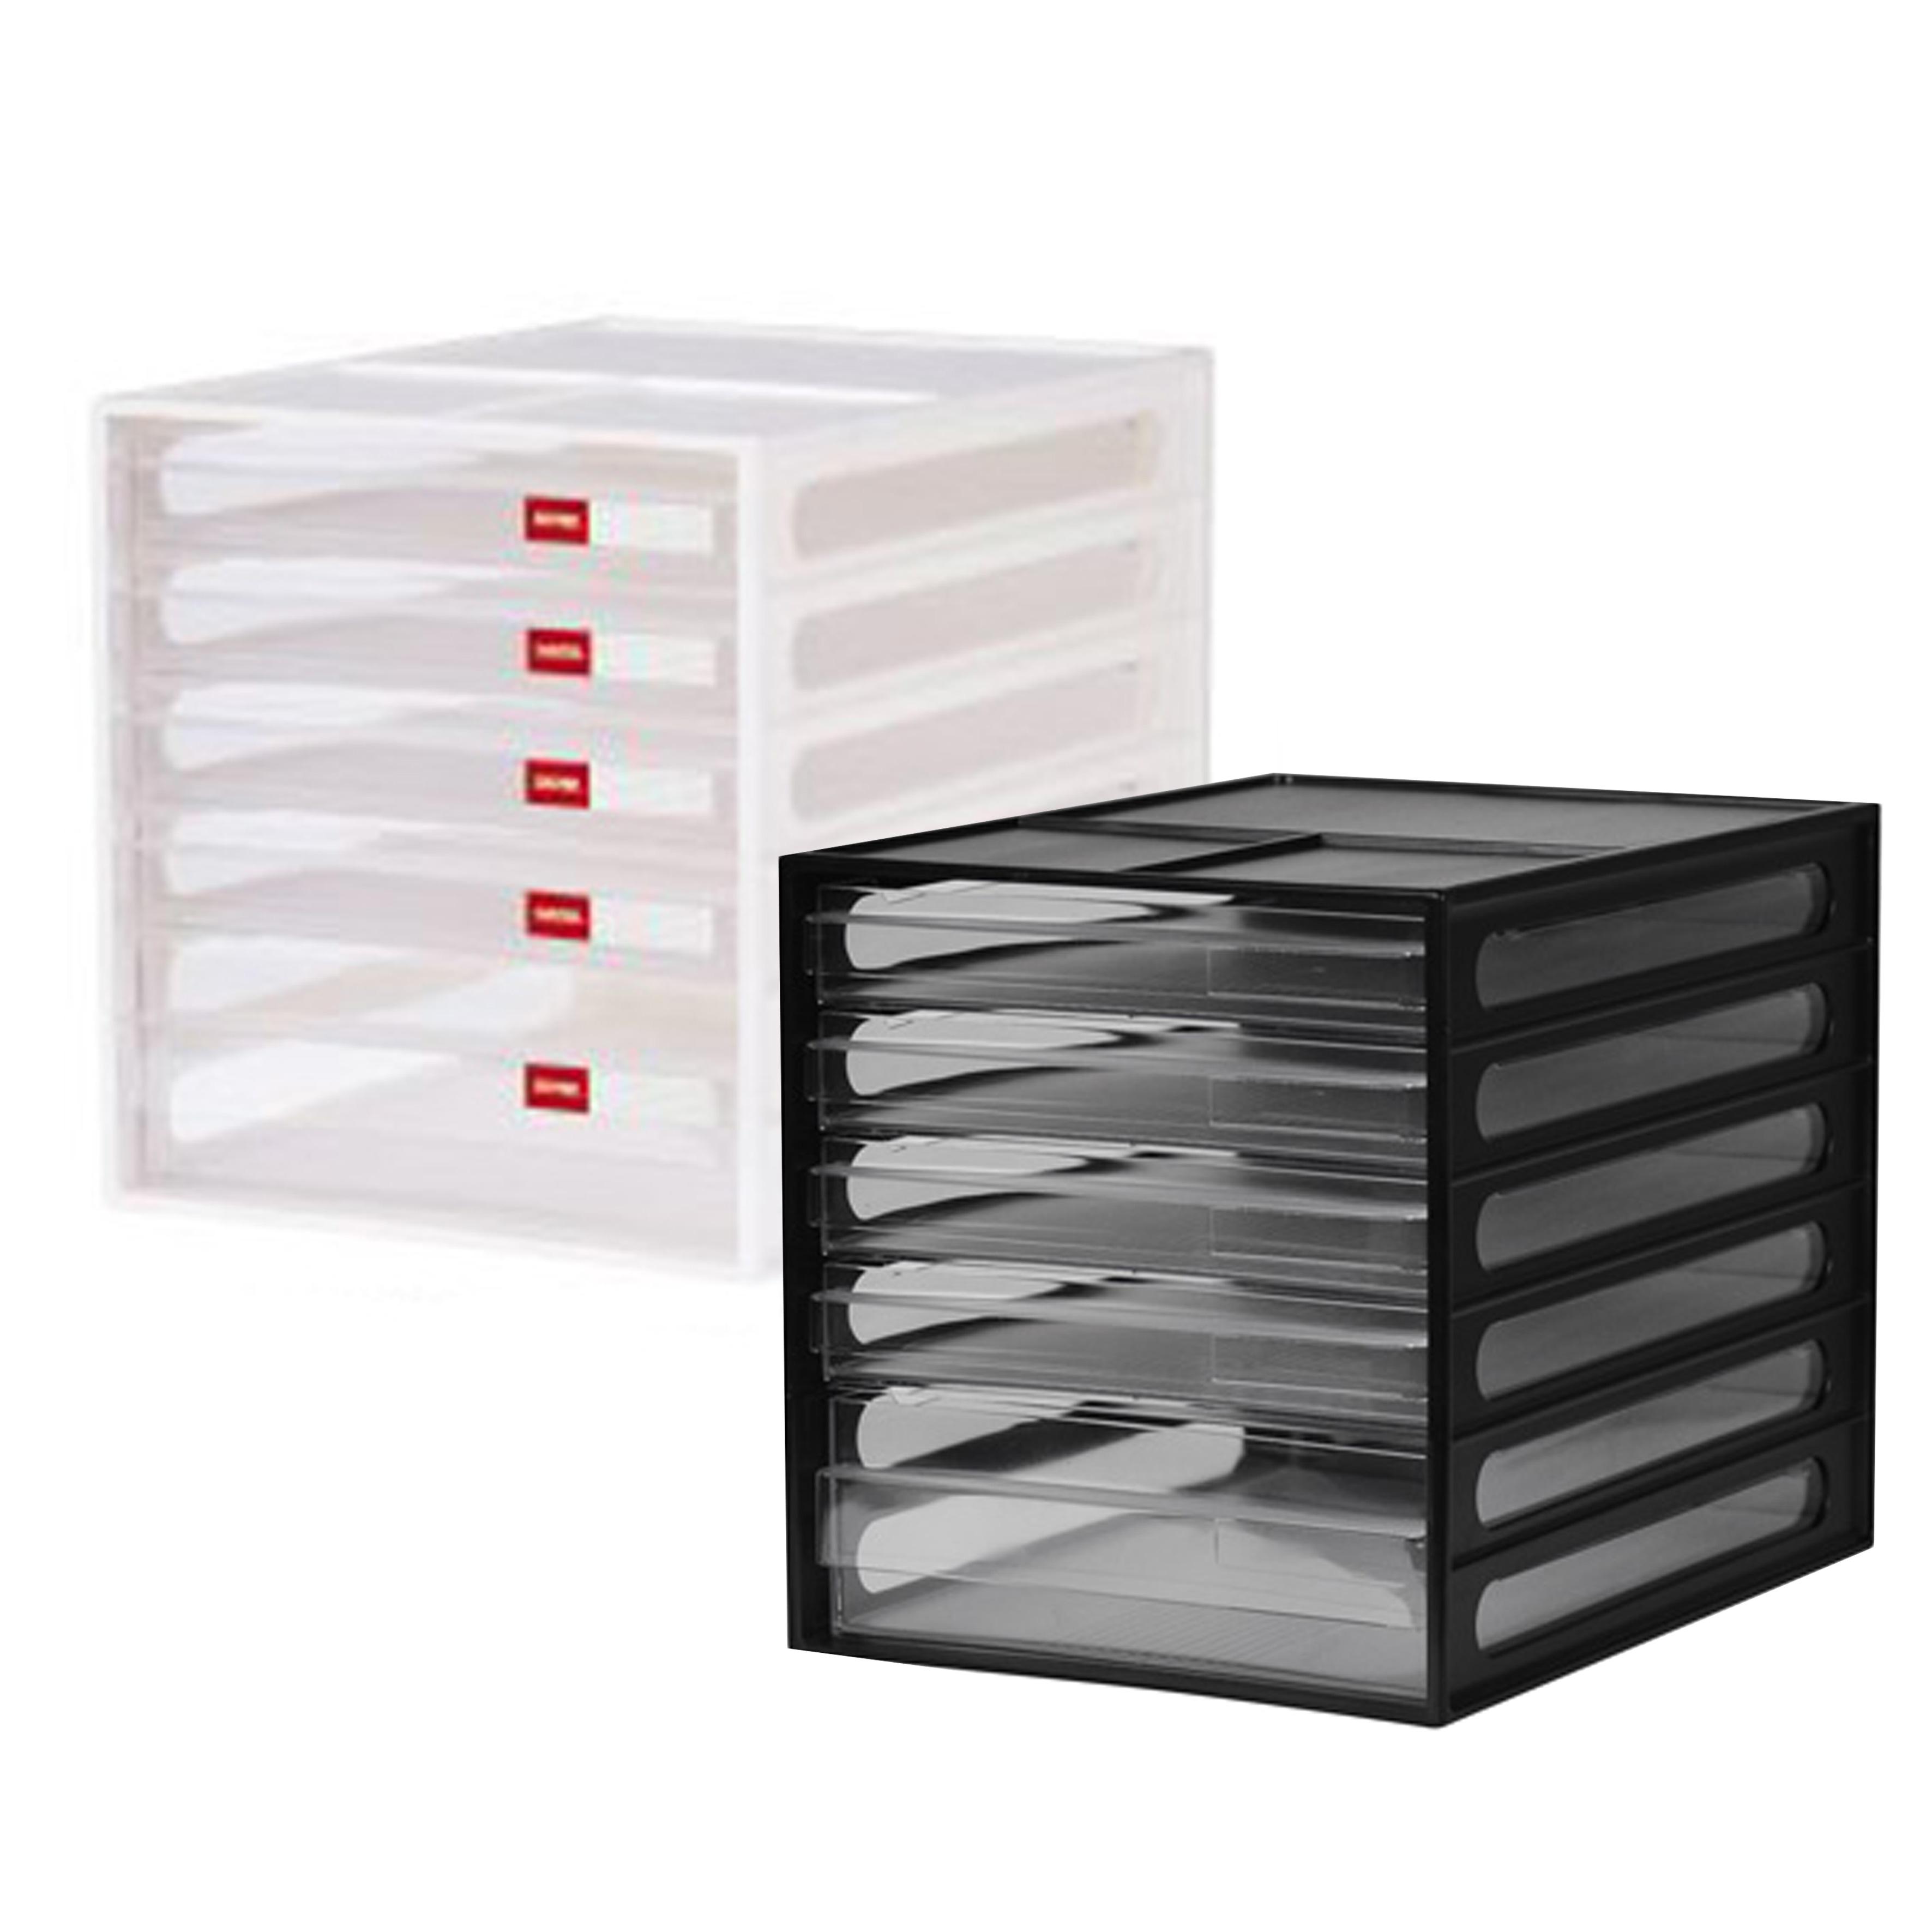 樹德 桌上型資料櫃(顏色隨機) DD-1214